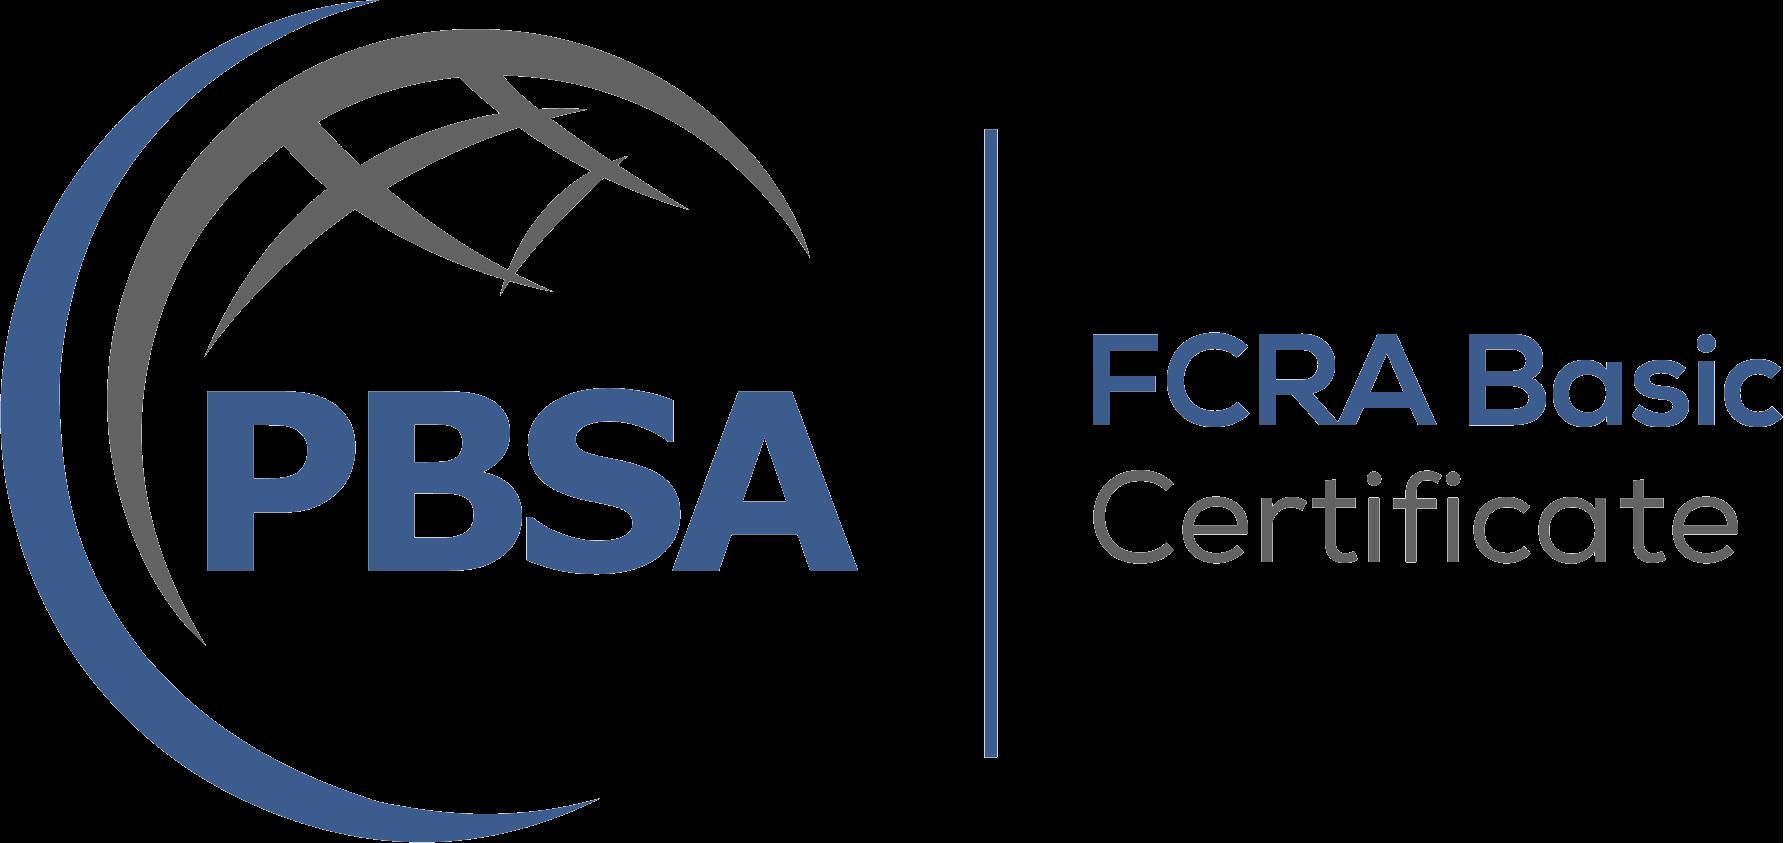 FCRA Basic Certificate Logo